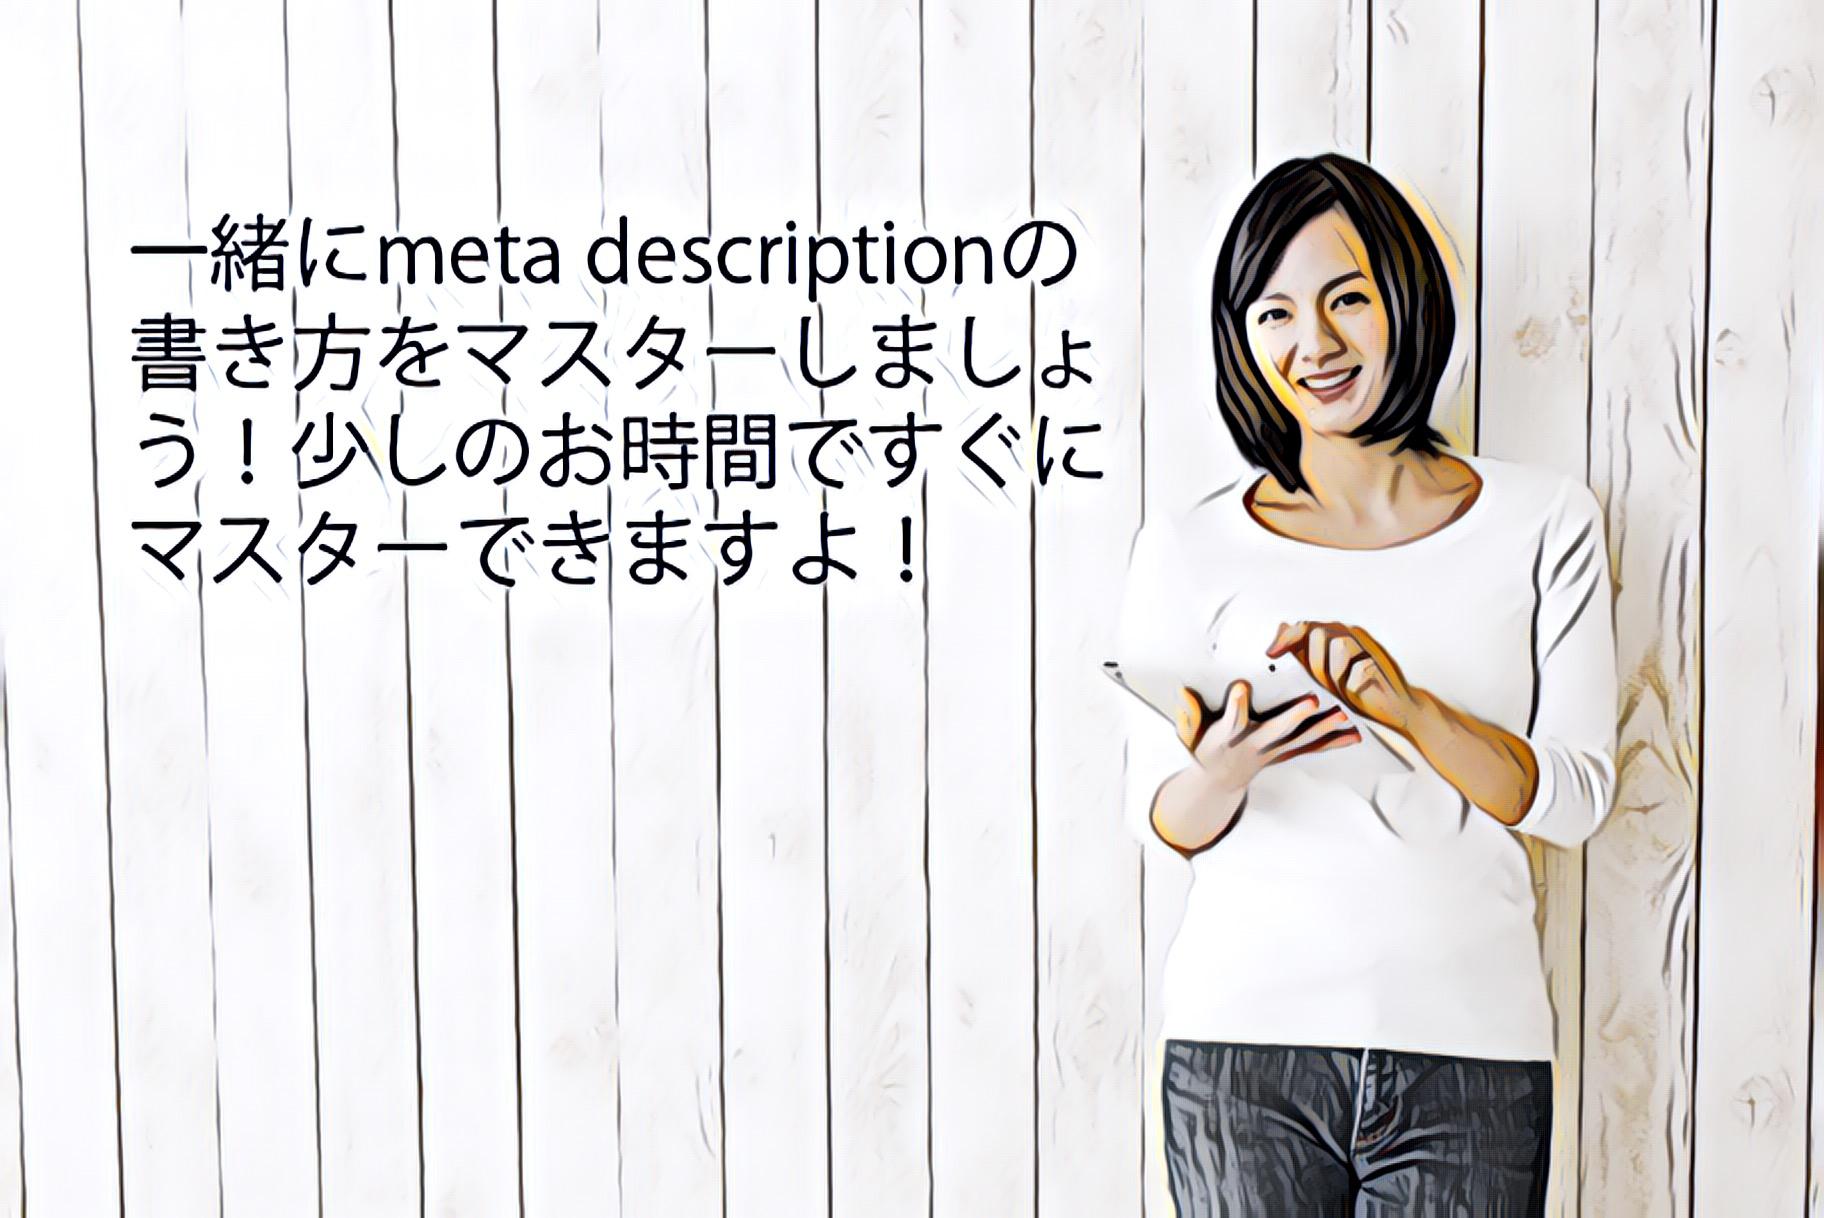 メタディスクリプションの書き方を紹介する女性